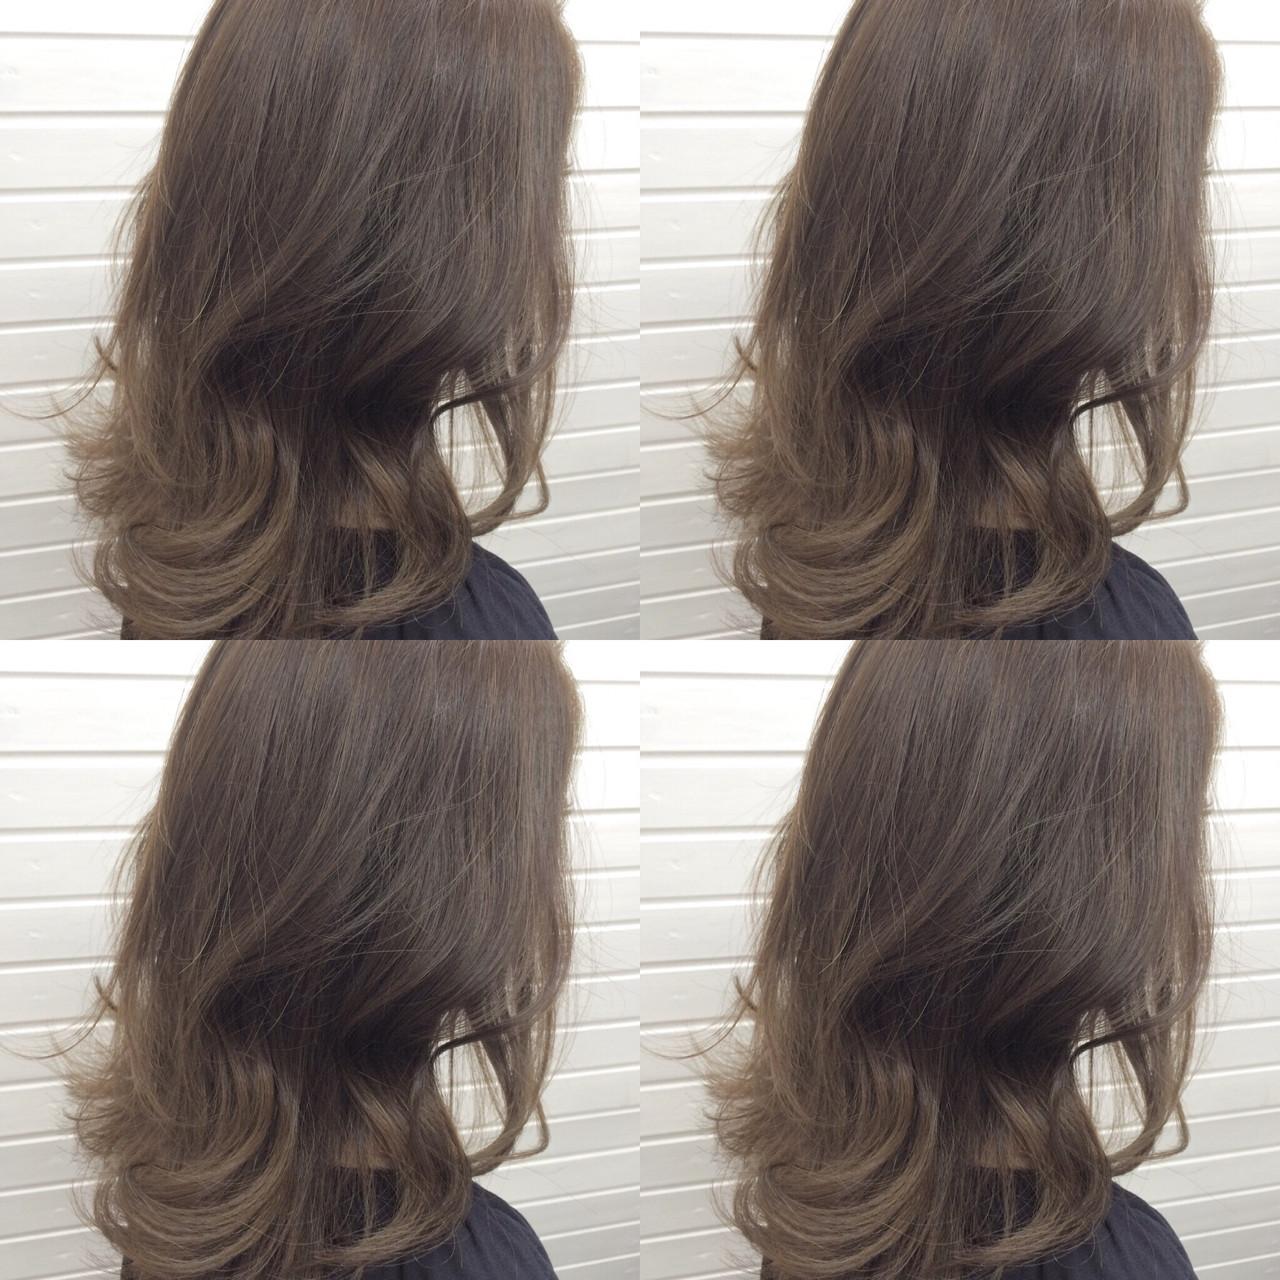 ナチュラル イルミナカラー 外国人風 セミロング ヘアスタイルや髪型の写真・画像 | universe / hairspaceuniverse